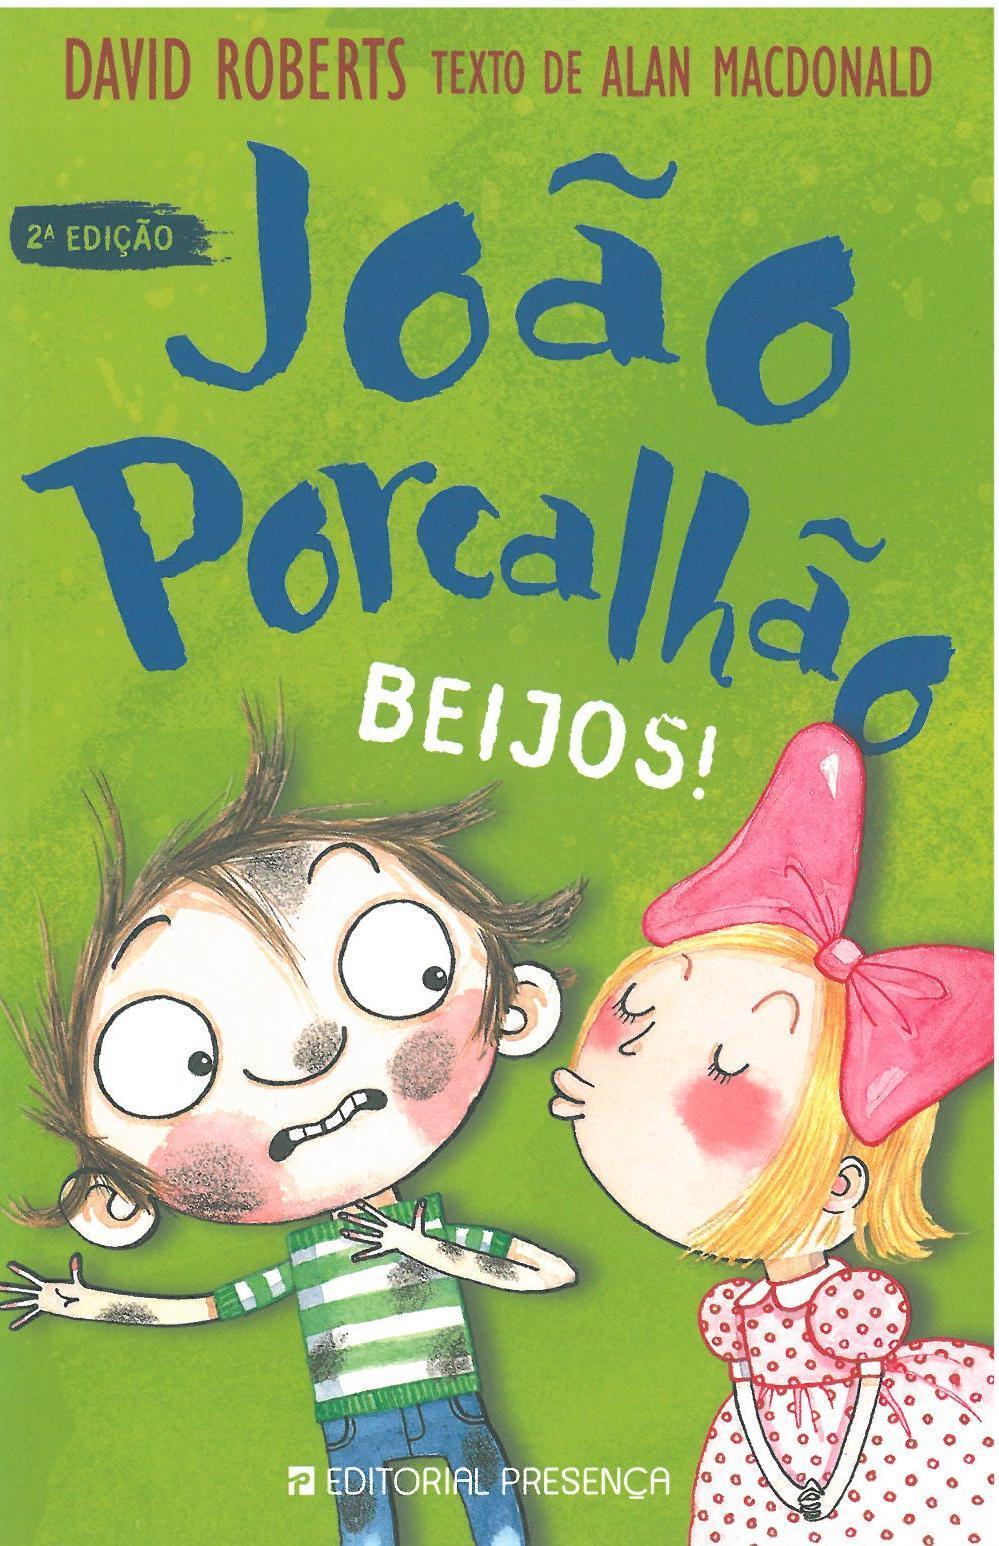 João Porcalhão_3.jpg